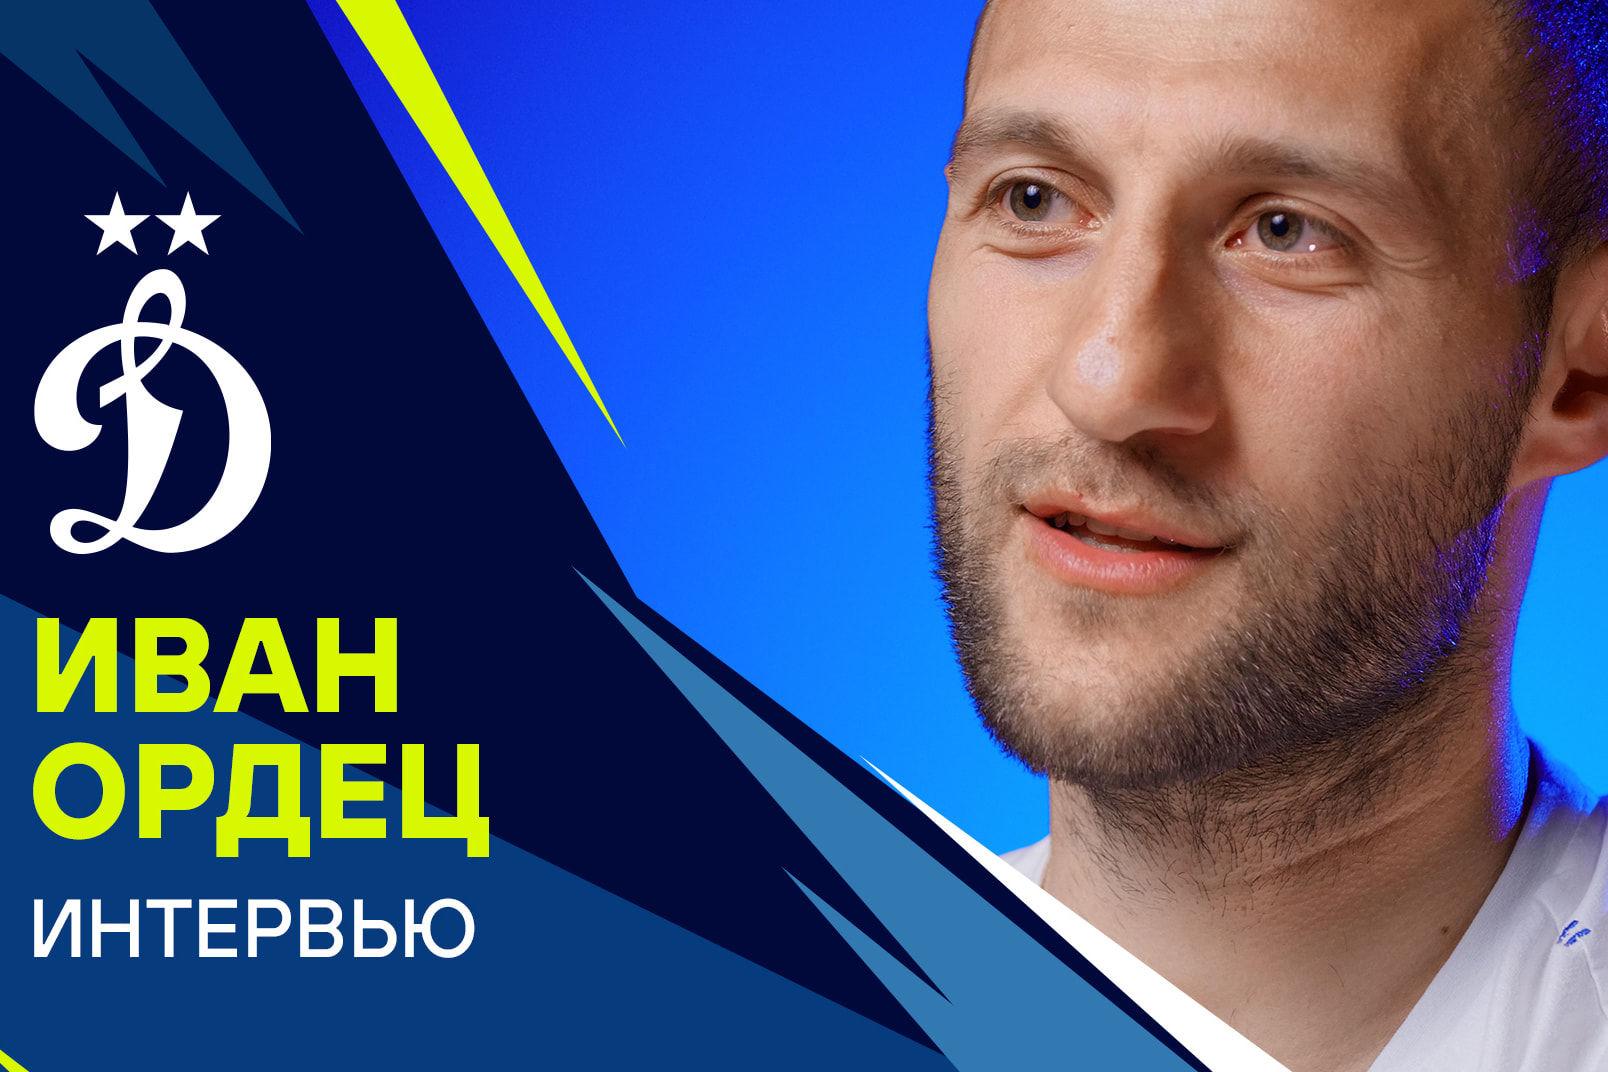 Иван Ордец: «Хочу снова попасть в еврокубки с «Динамо», это реально»